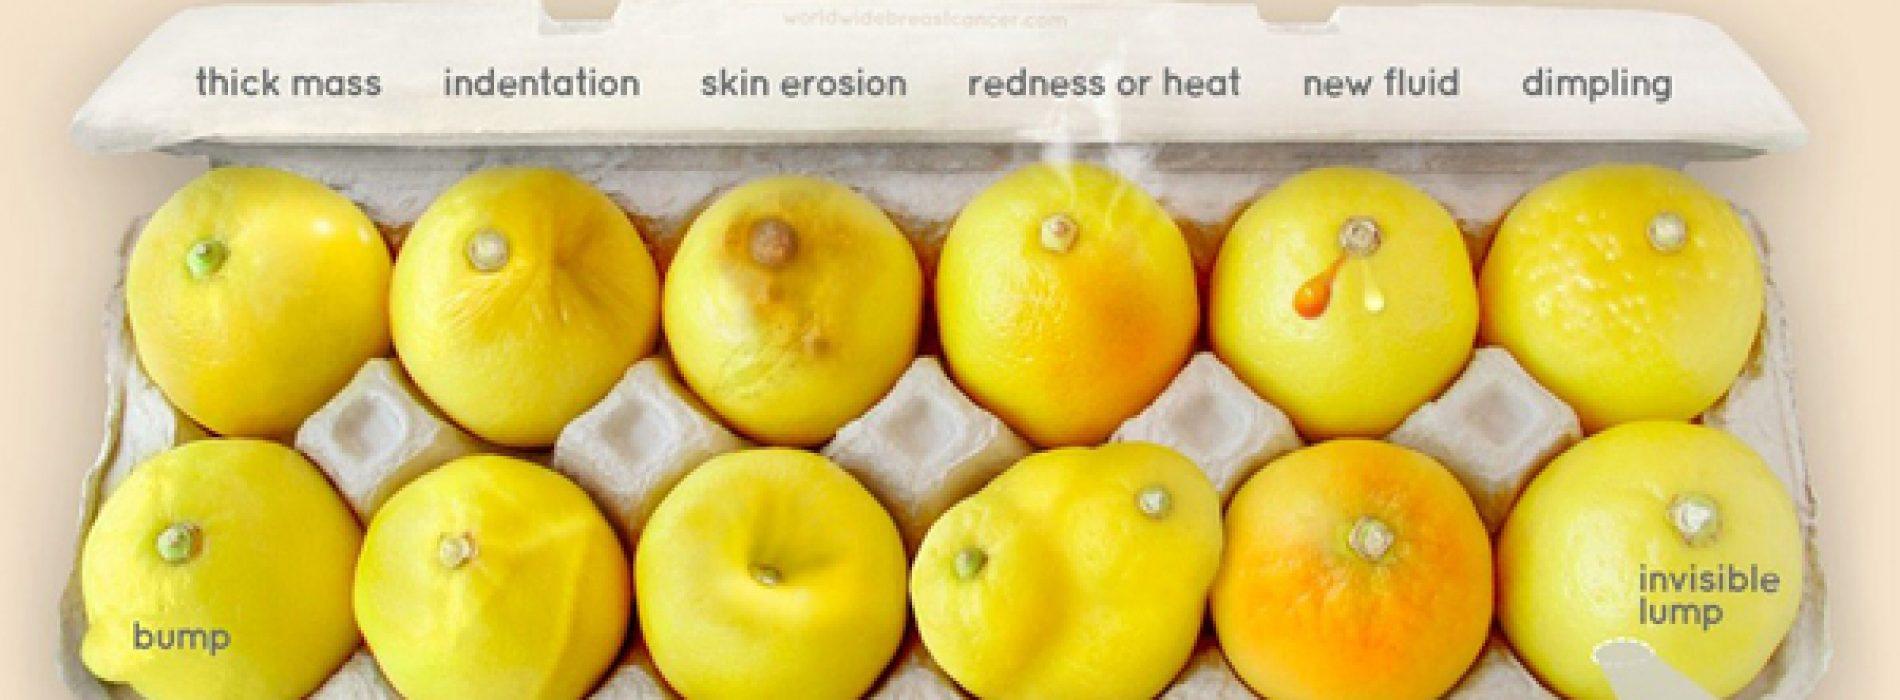 Herken je deze tekenen van borst kanker? Deze foto van citroenen kan levens redden!